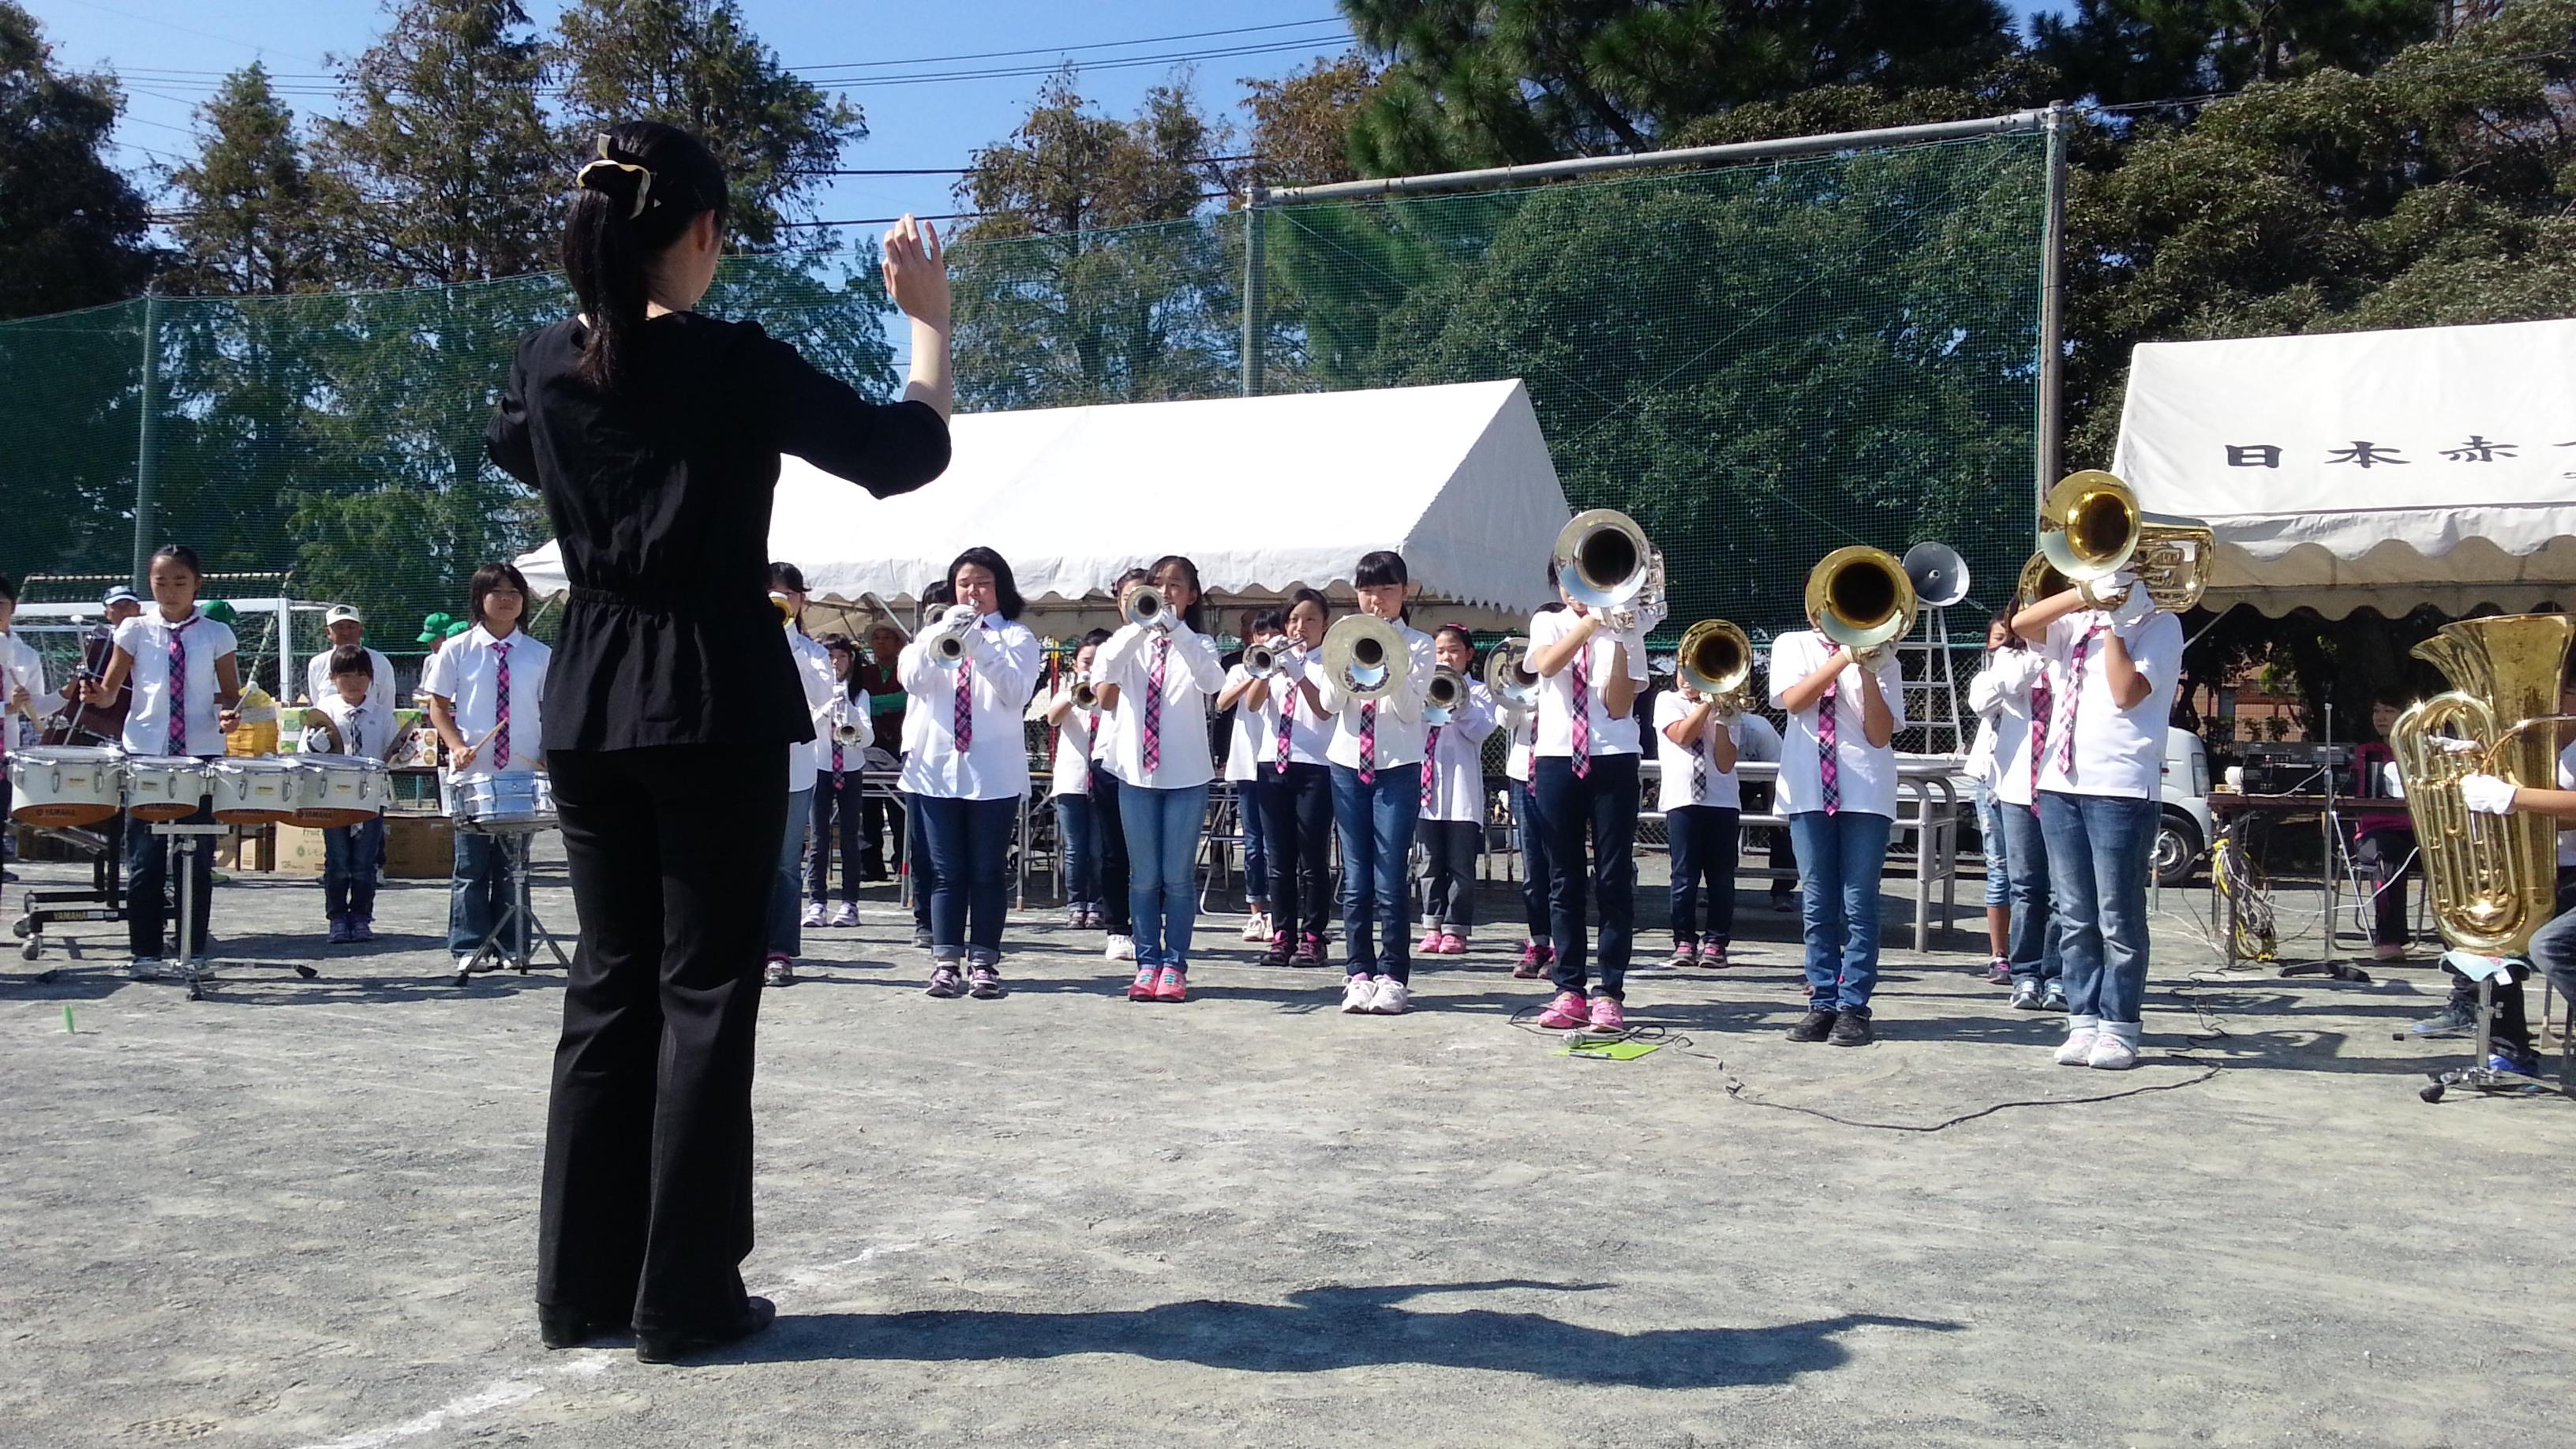 20151018_111117 古井町内会運動会 - 南部小学校金管バンド